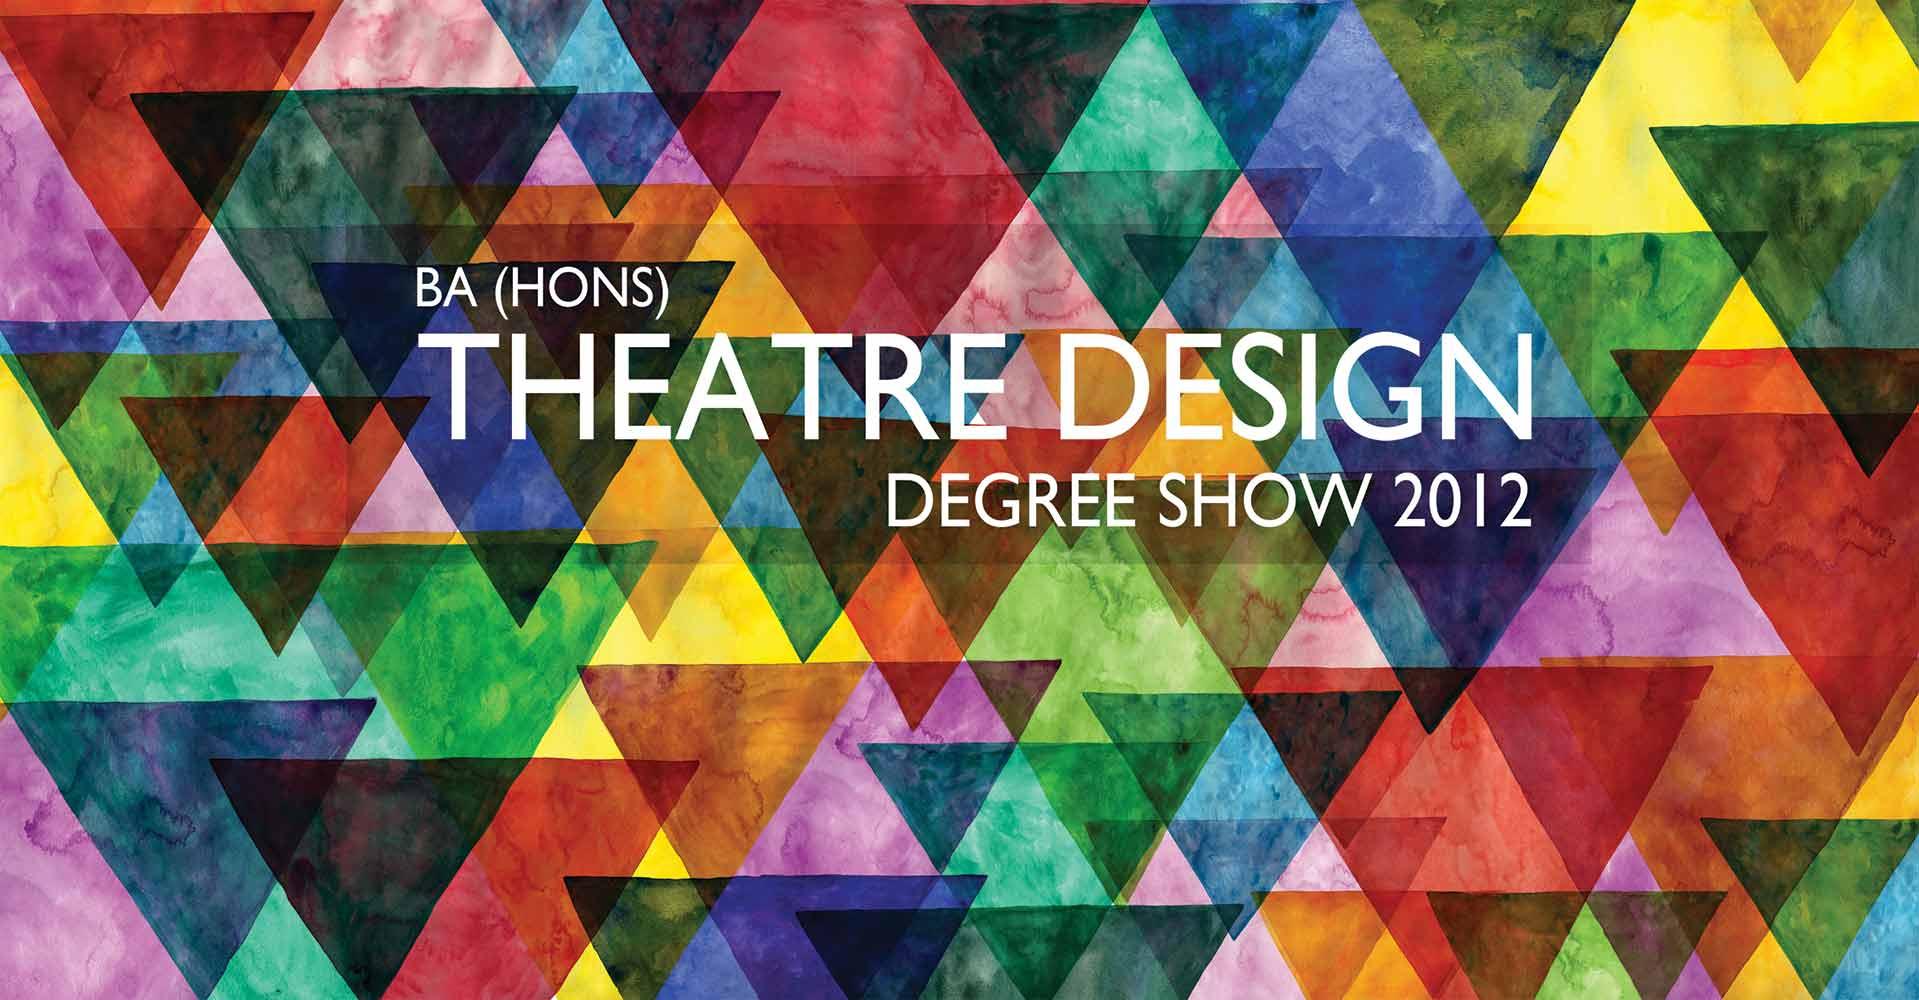 Theatre Design Degree show